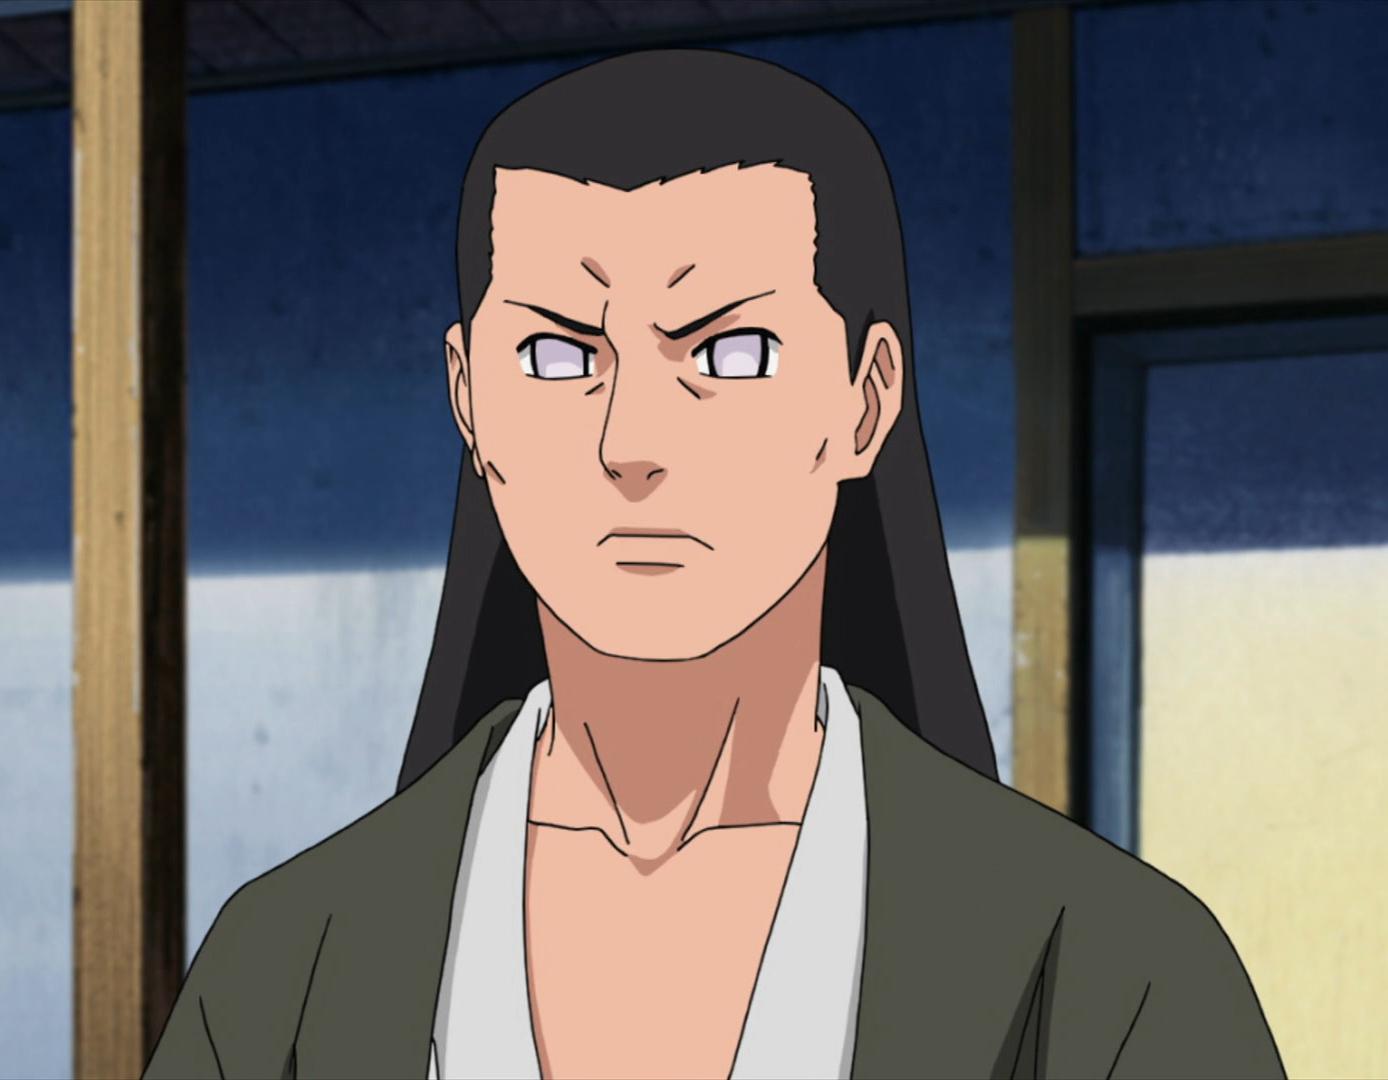 Hiashi Hyūga | Narutopedia | FANDOM powered by Wikia